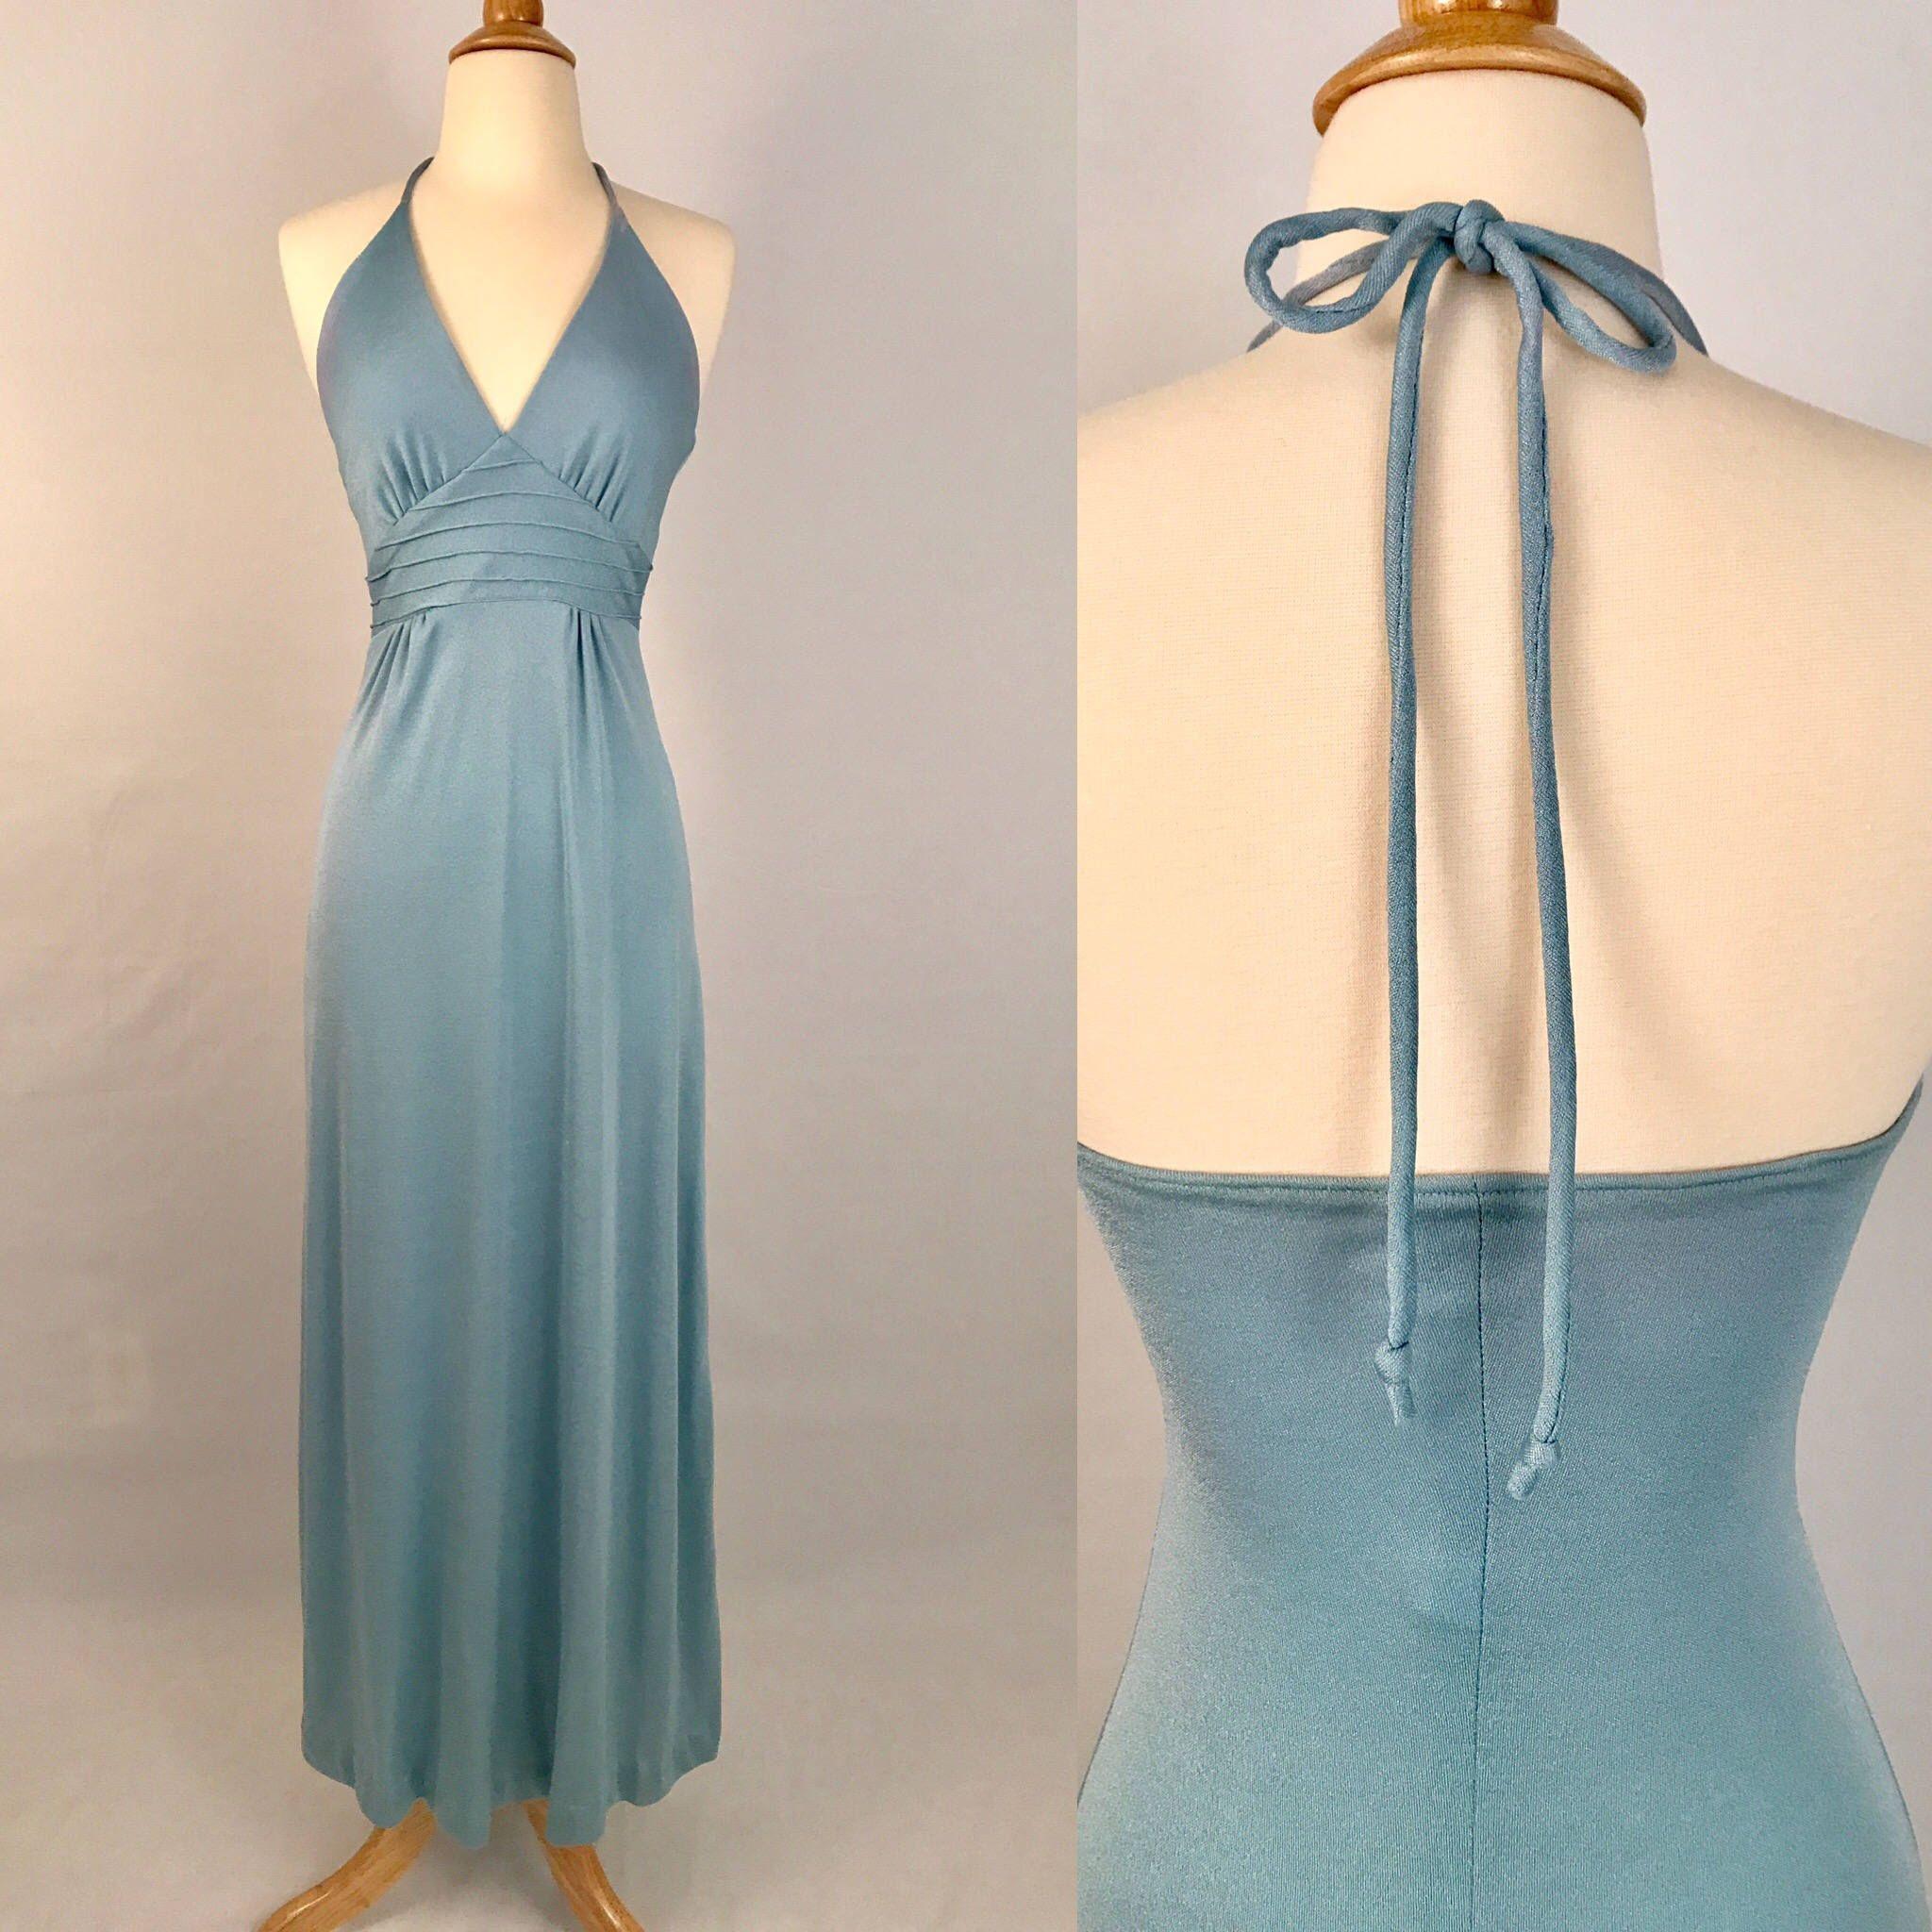 s Maxi Party Prom Dress Vintage Light Blue Boho Sundress XS